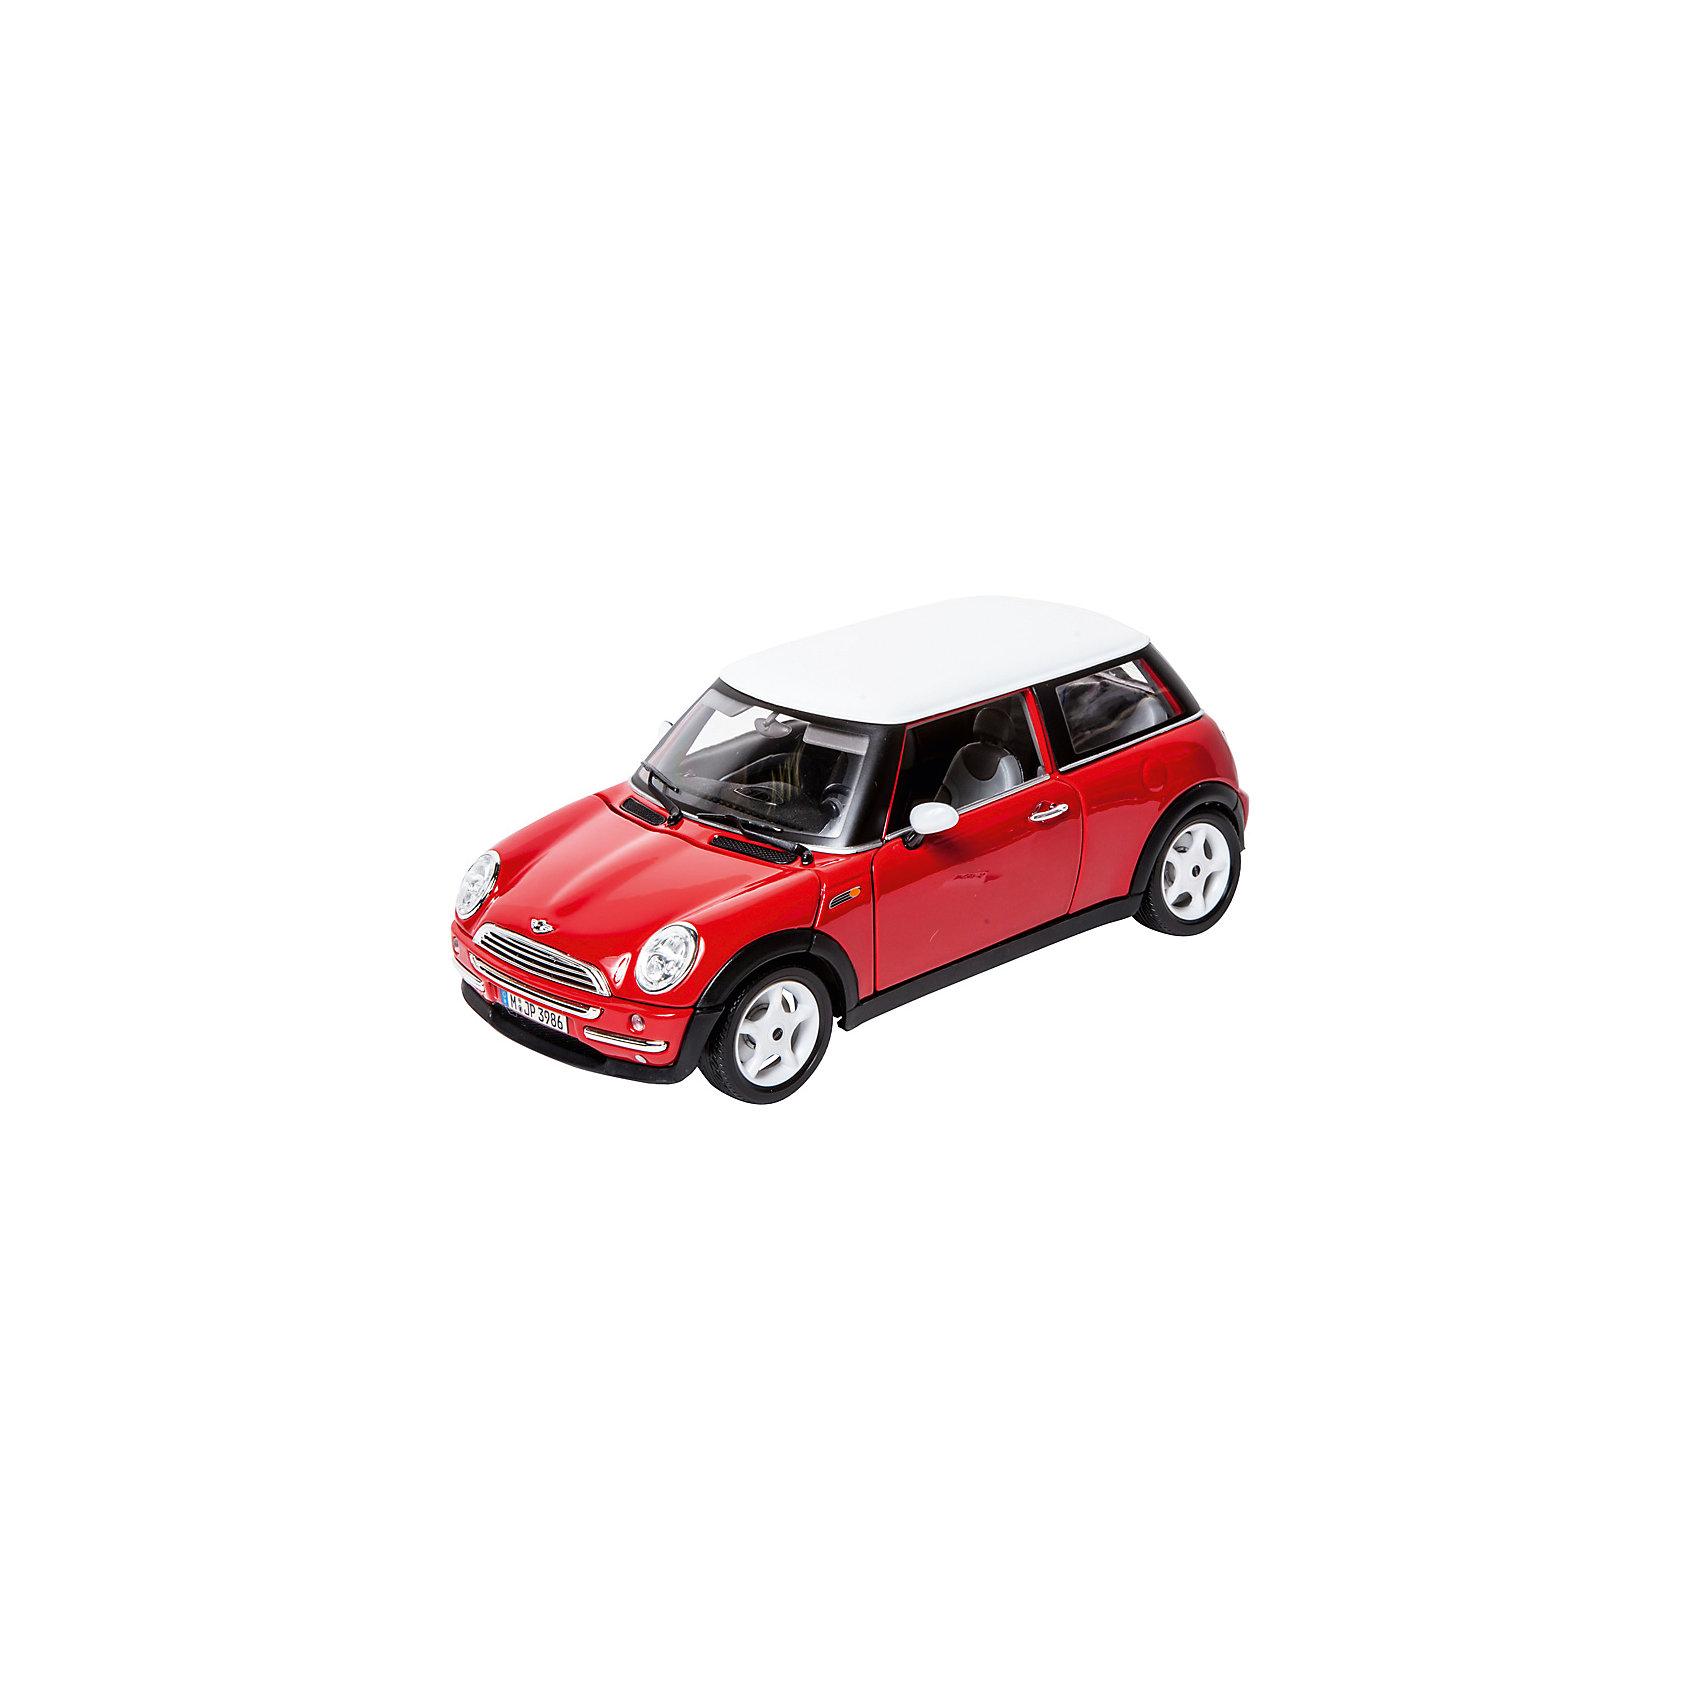 Машина Bburago Mini Cooper, 1:18Машинки<br>Характеристики товара:<br><br>• возраст: от 3 лет;<br>• материал: пластик, металл;<br>• масштаб: 1:18;<br>• размер упаковки: 29,6х20х12 см;<br>• вес упаковки: 1,03 кг;<br>• страна производитель: Китай.<br><br>Машина Mini Cooper Bburago — уменьшенная копия настоящего автомобиля Mini Cooper. Машинка проработана до мельчайших деталей. Внутри салона расположены руль, педали, коробка передач и пассажирские кресла. У машины открываются передние дверцы, капот и задний багажник. Колеса вращаются, а также поворачиваются при помощи руля. Игрушка изготовлена из прочного качественного металла.<br><br>Машину Mini Cooper Bburago можно приобрести в нашем интернет-магазине.<br><br>Ширина мм: 183<br>Глубина мм: 302<br>Высота мм: 124<br>Вес г: 1167<br>Возраст от месяцев: 36<br>Возраст до месяцев: 2147483647<br>Пол: Мужской<br>Возраст: Детский<br>SKU: 1784053